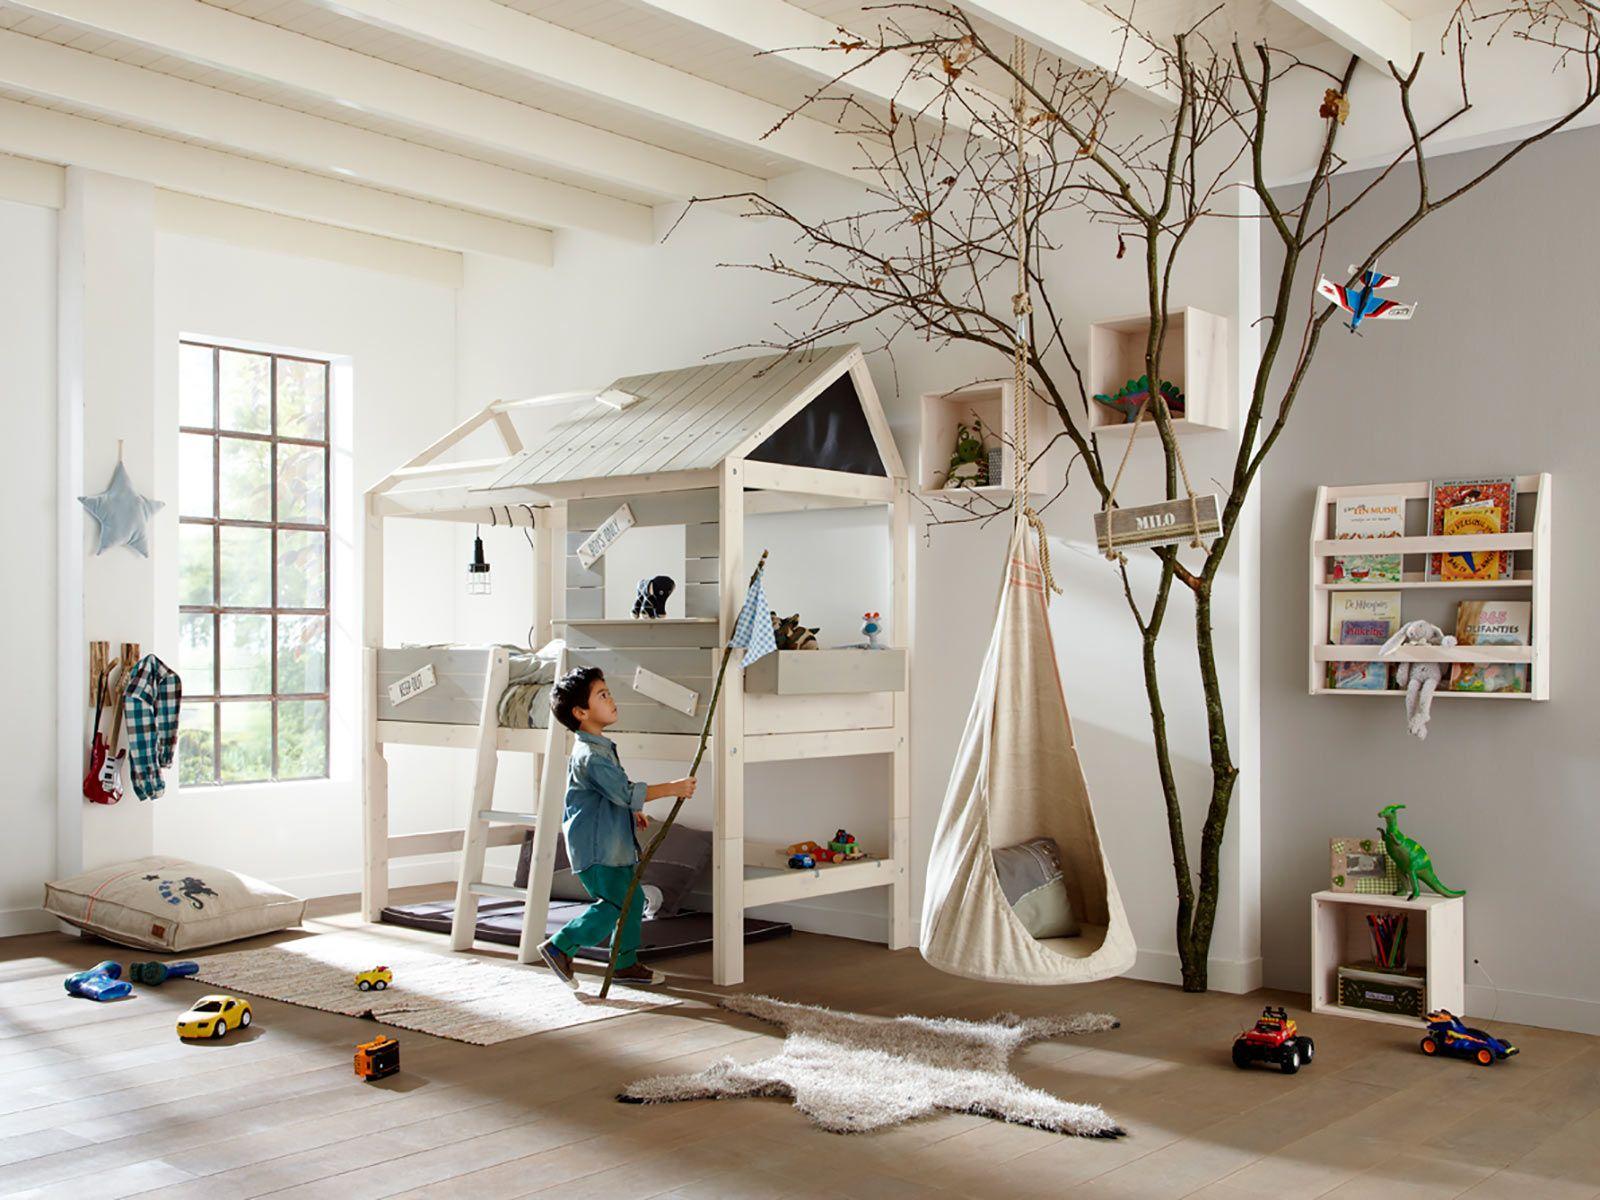 Изображение - Детская игровая комната Detskaya-igrovaya-komnata-42